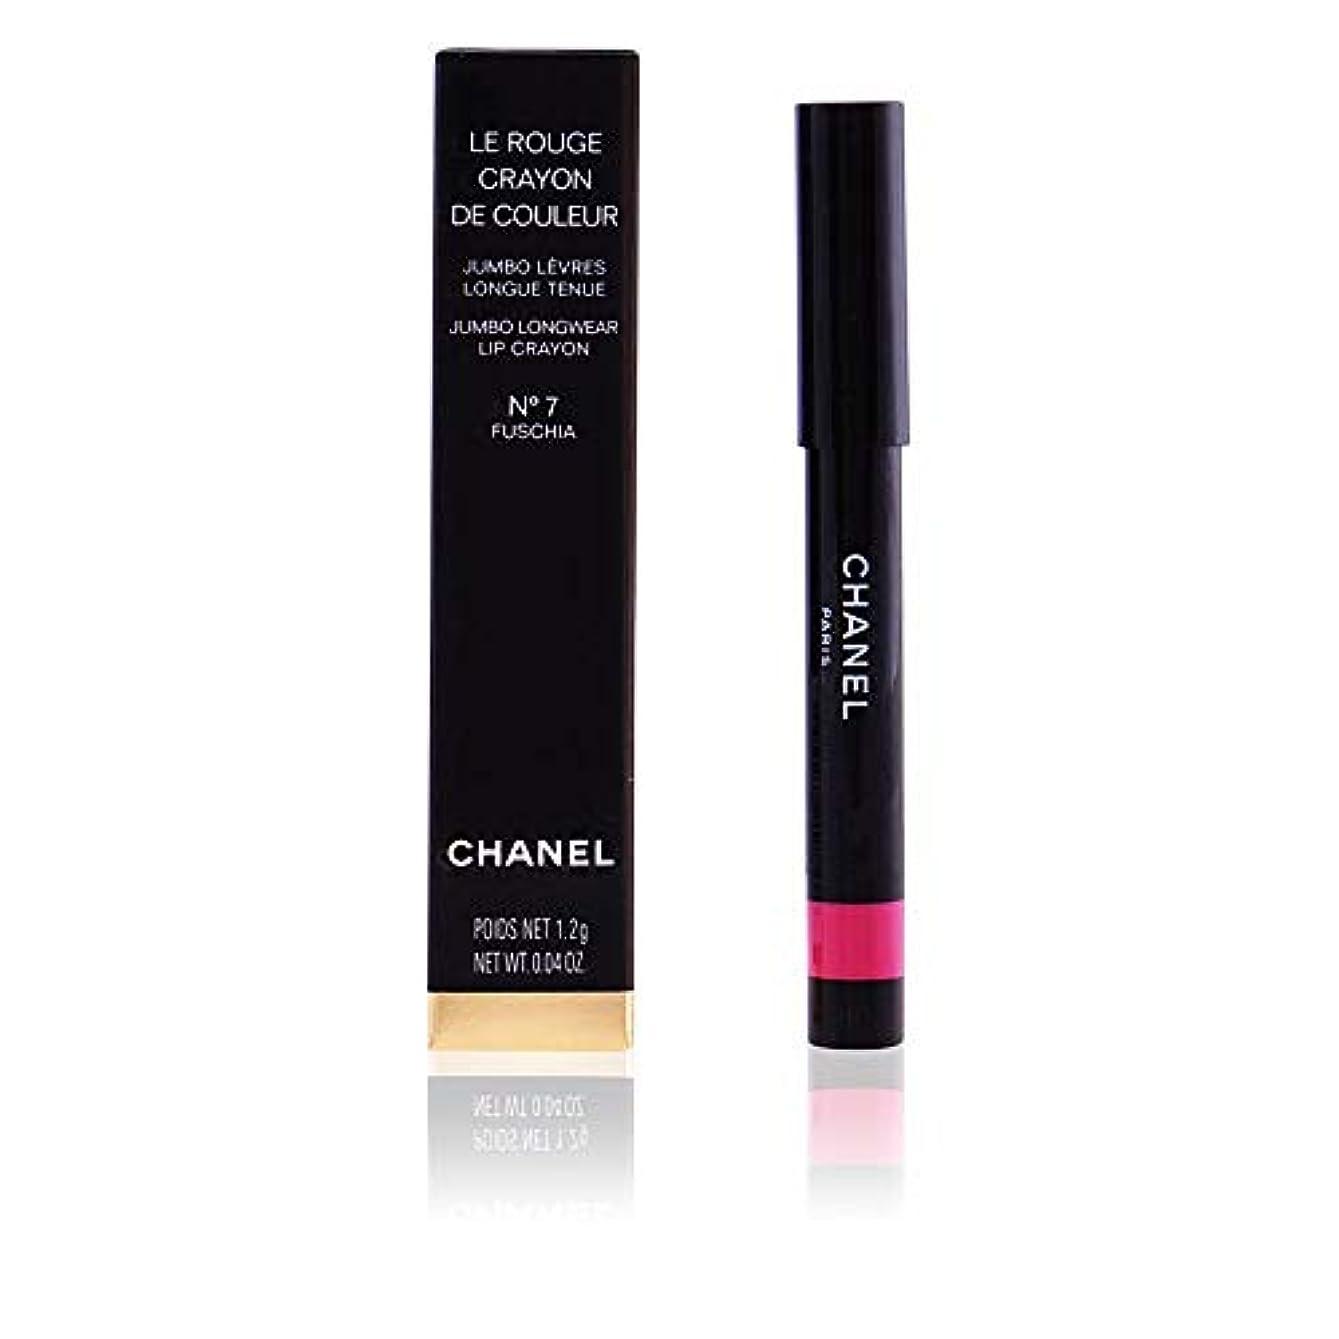 志す増加するトライアスリートシャネル Le Rouge Crayon De Couleur Jumbo Longwear Lip Crayon - # 2 Rose Violine 1.2g/0.04oz並行輸入品